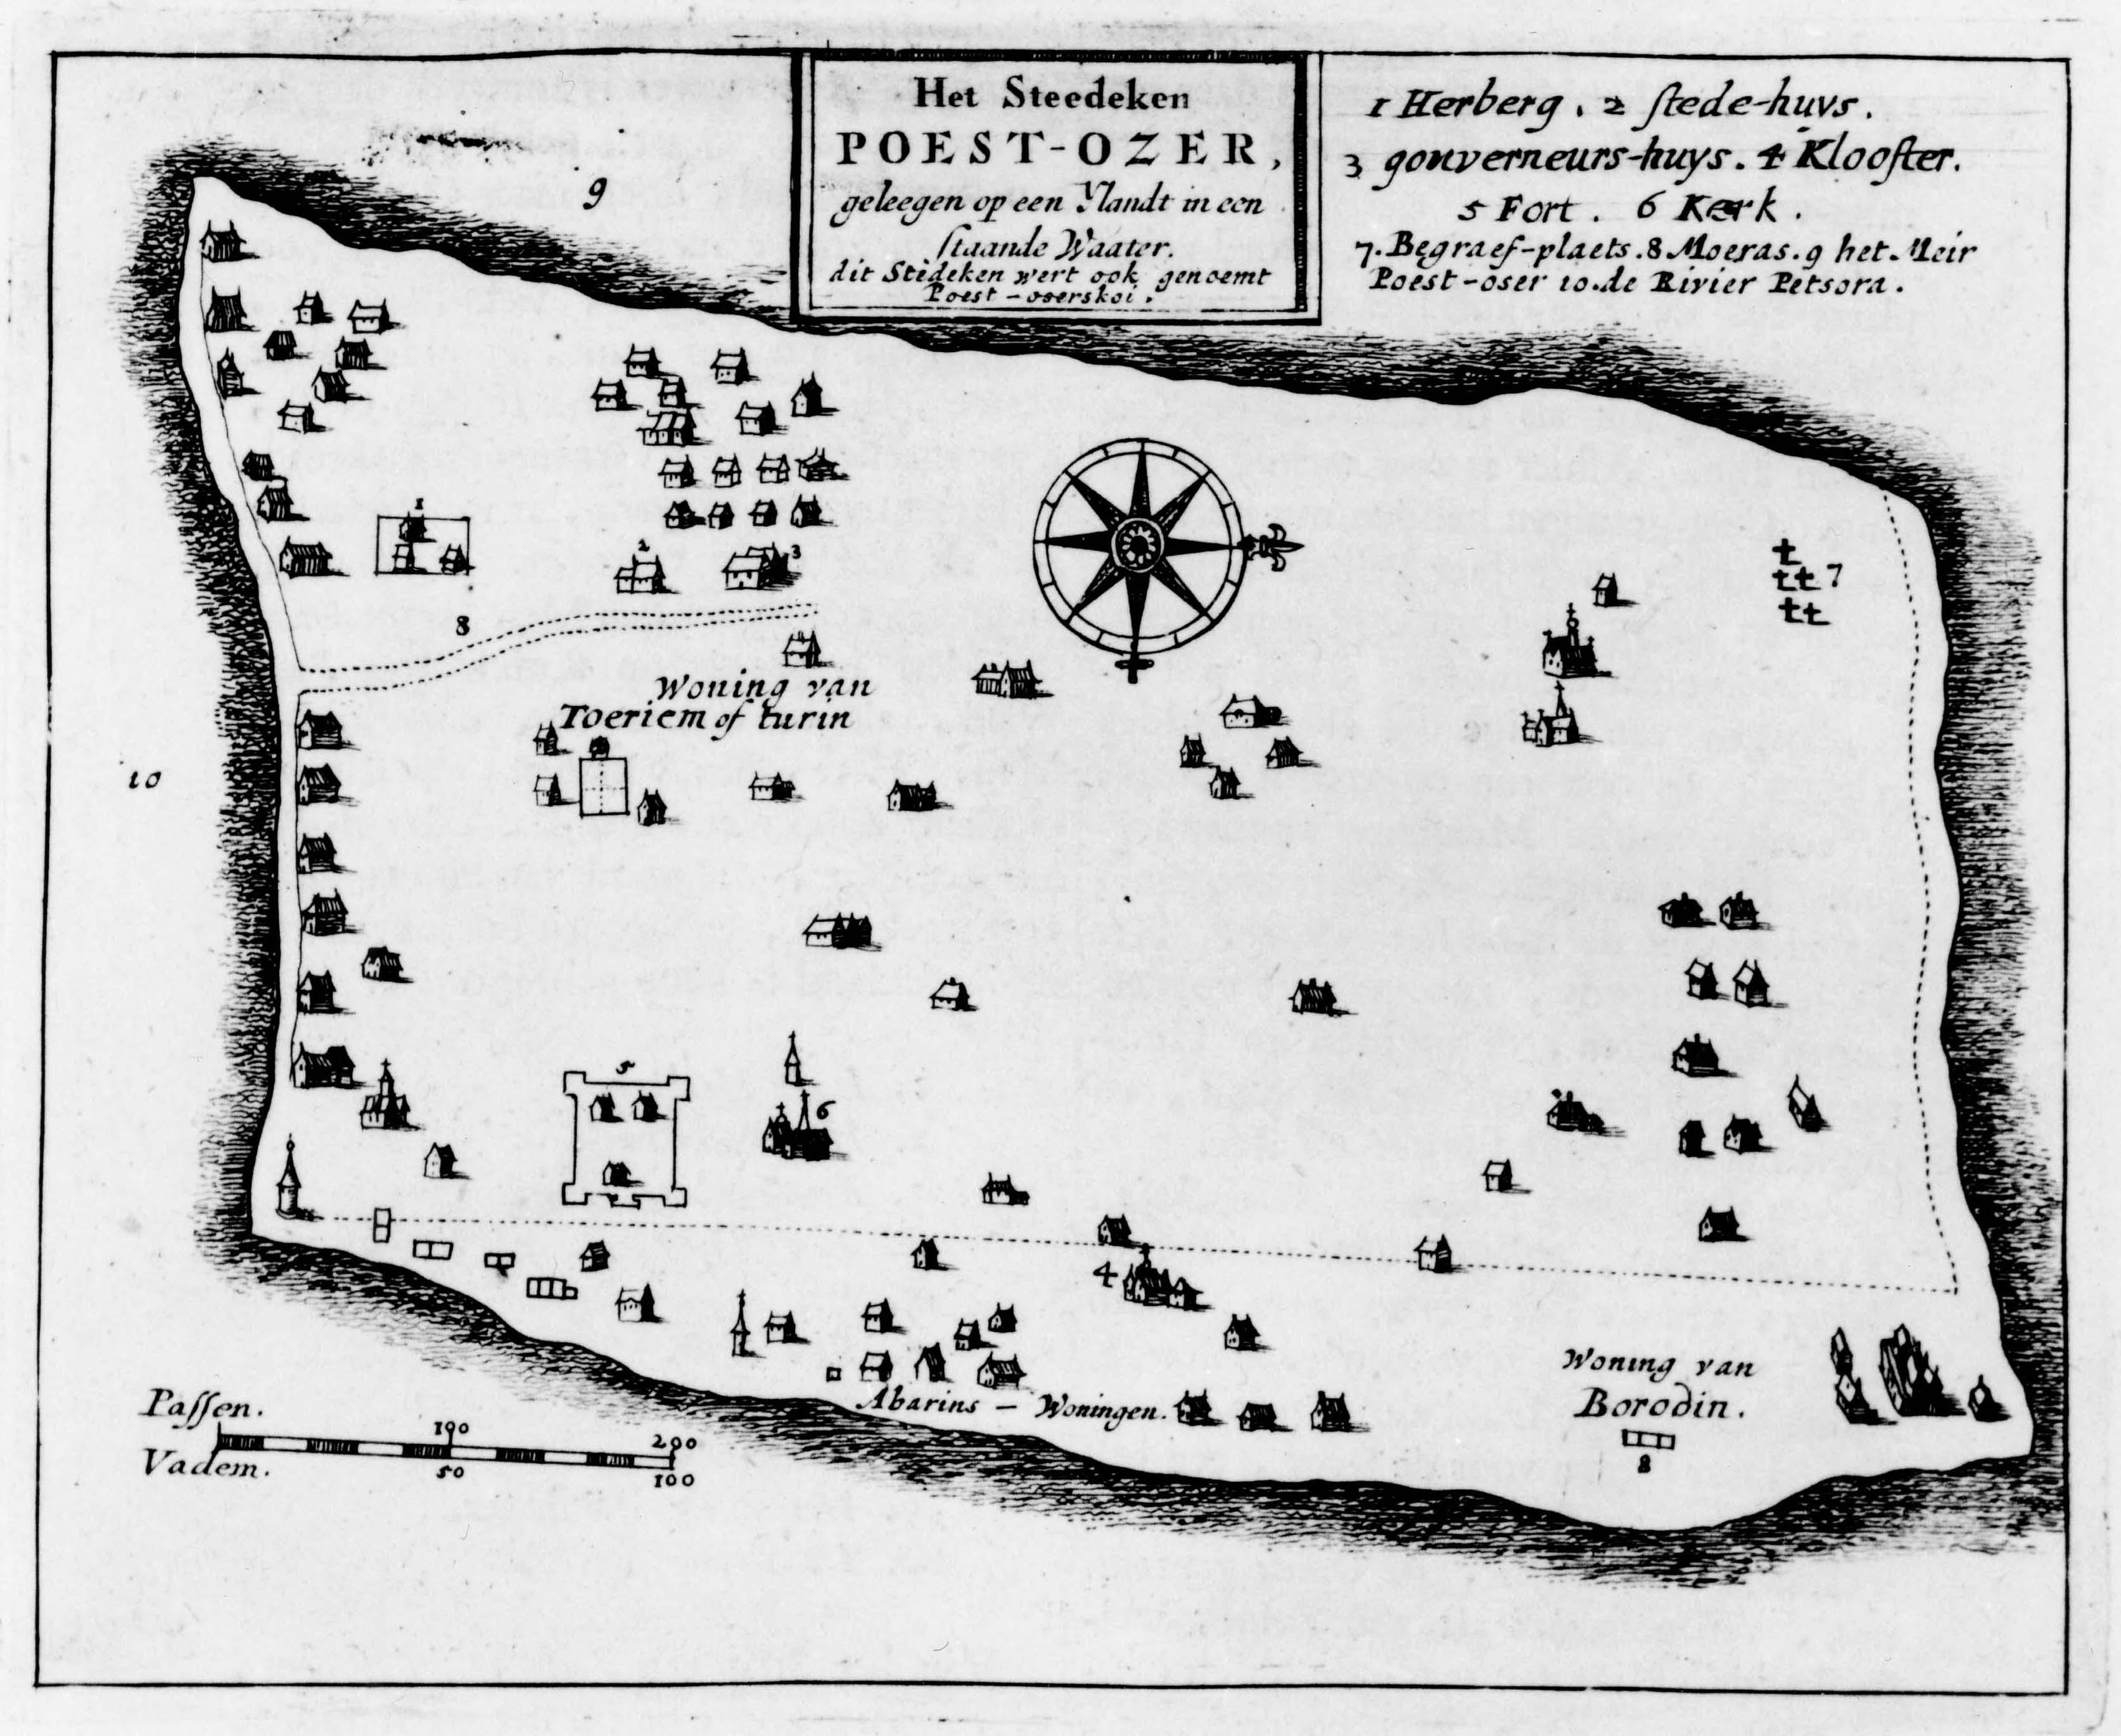 Маленький город Пуст-Озер на острове в стоячей воде. Этот город называется также Пуст-Озерской.